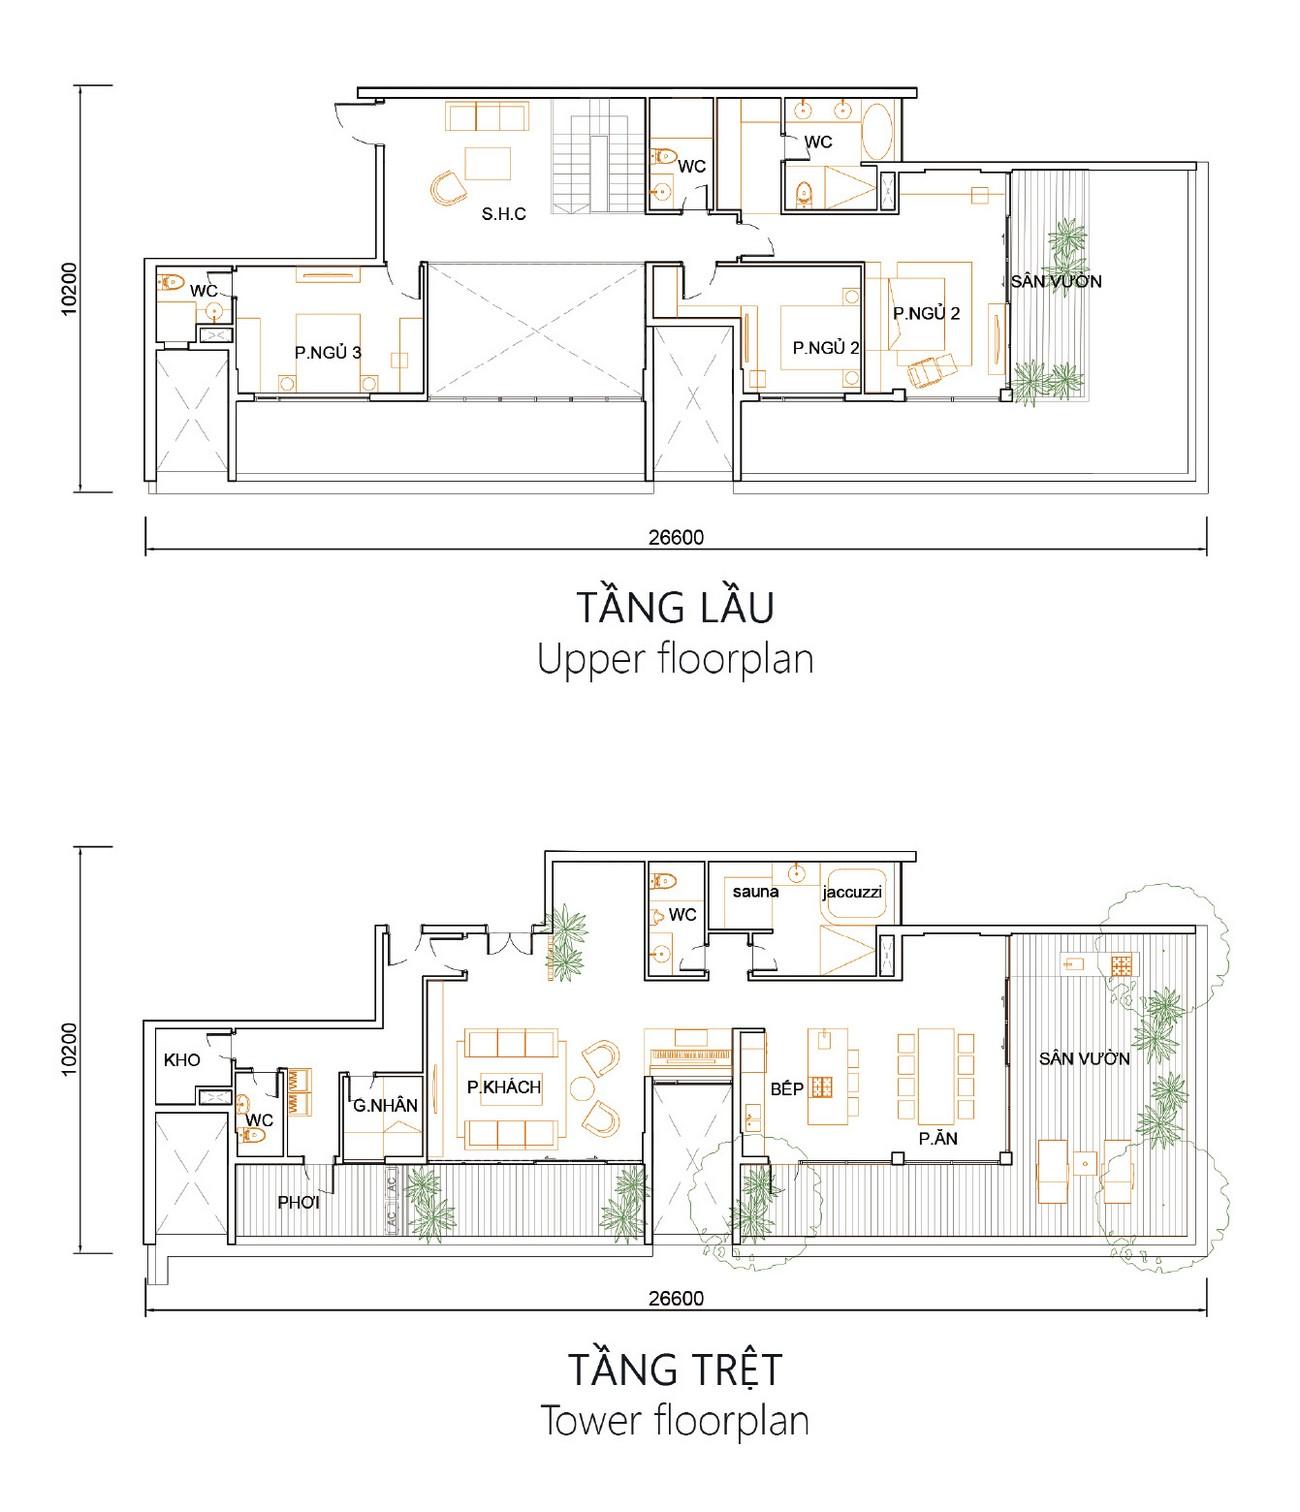 Thiết kế dự án căn hộ chung cư Masteri Millennium Quận 4 Đường 132 Bến Vân Đồn chủ đầu tư Thảo Điền